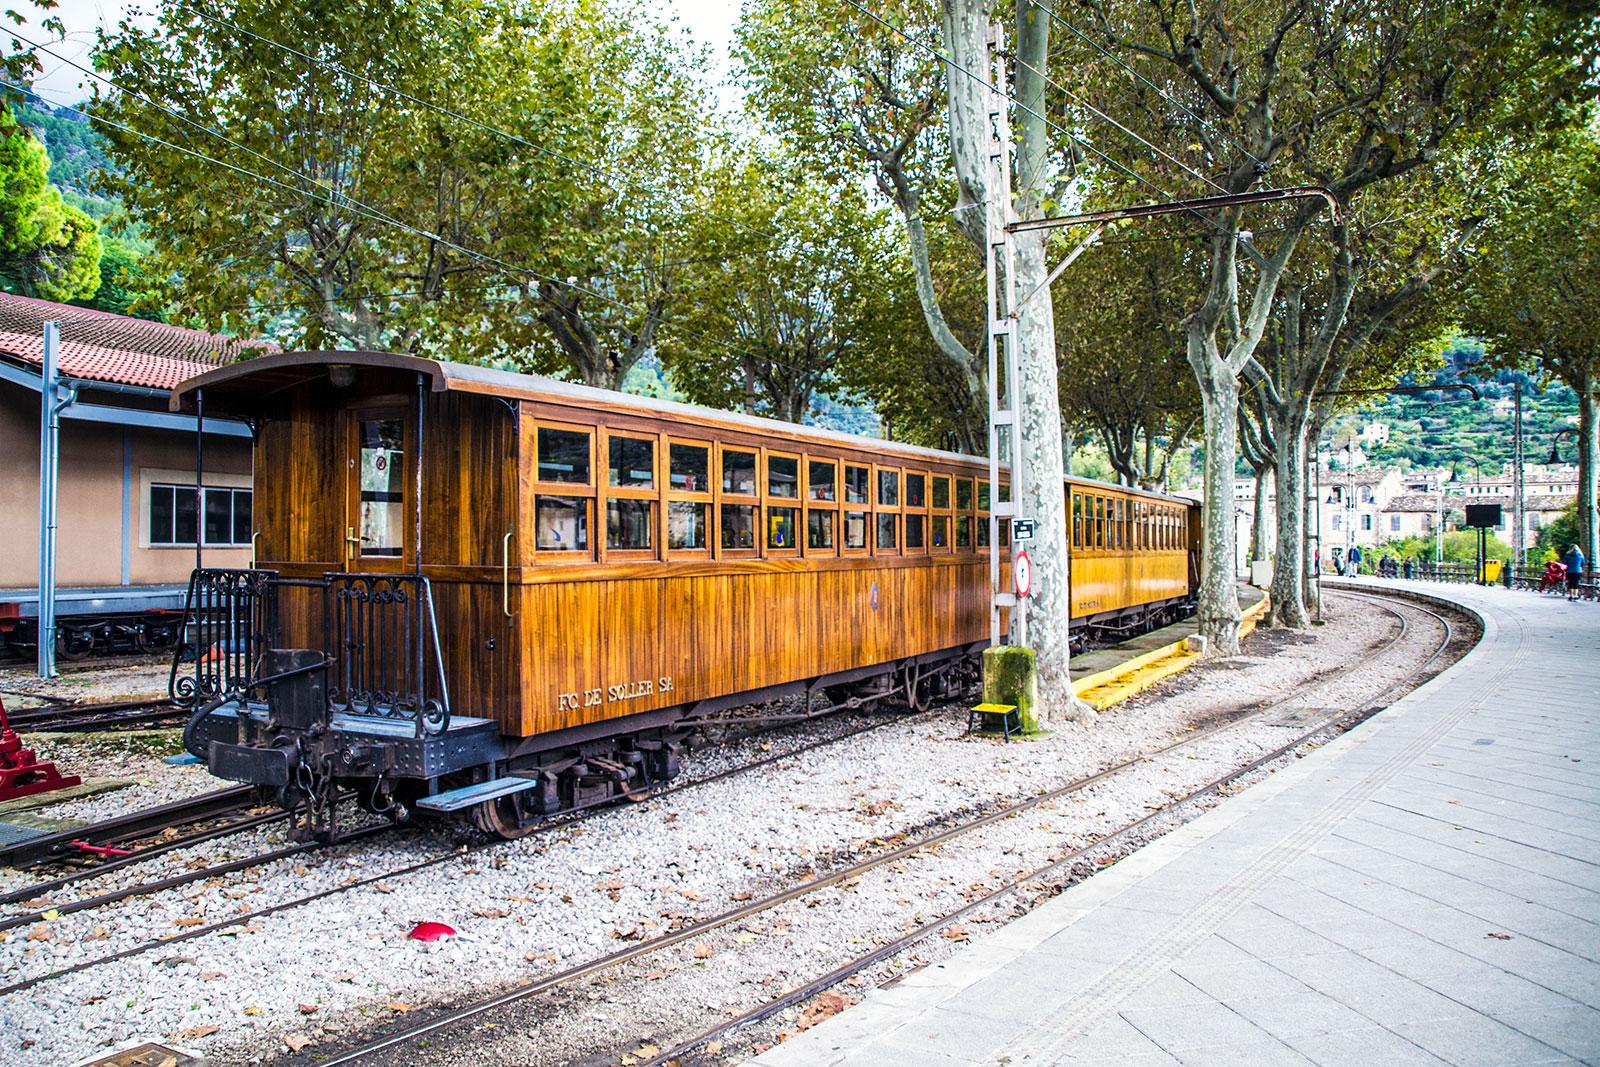 Tren de madera de Sóller - Pueblos de Mallorca